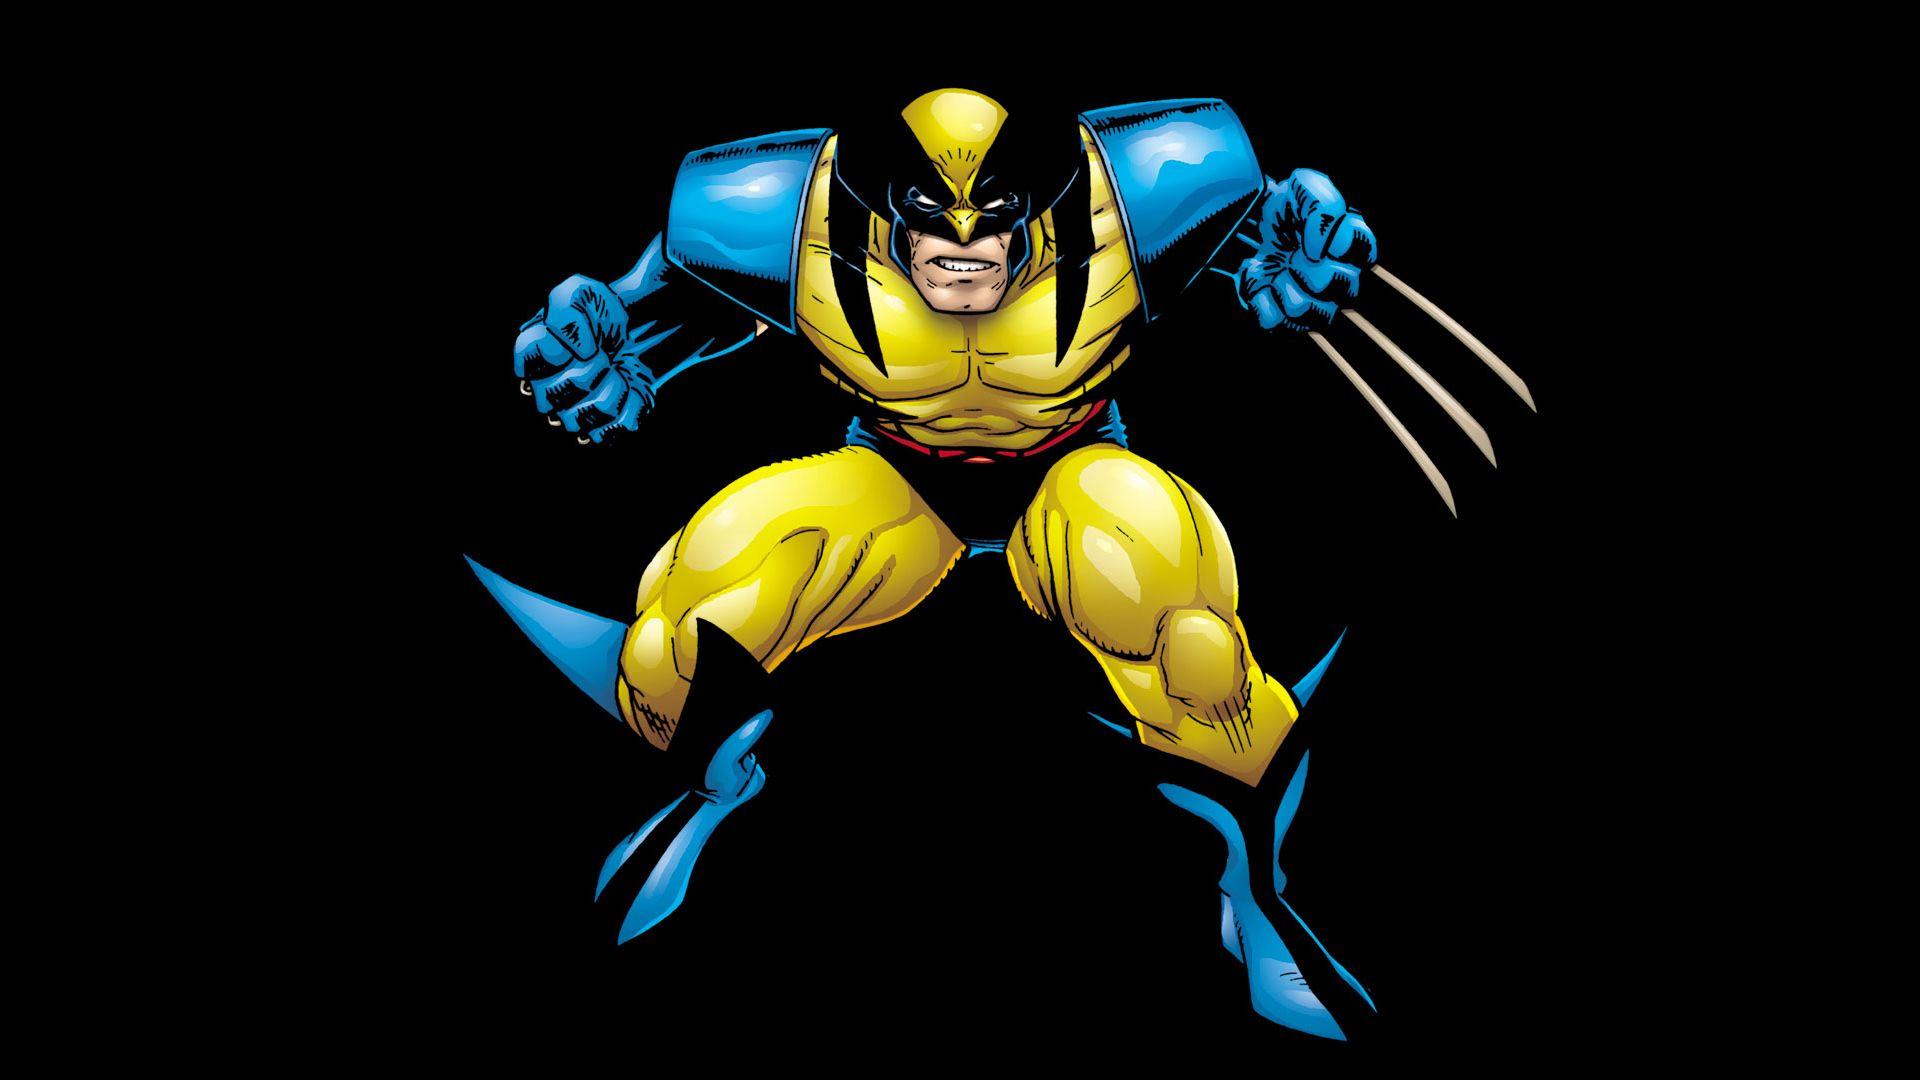 Wolverine Wallpaper Album On Imgur Wolverine Wallpaper Wolverine Images Wolverine Comic